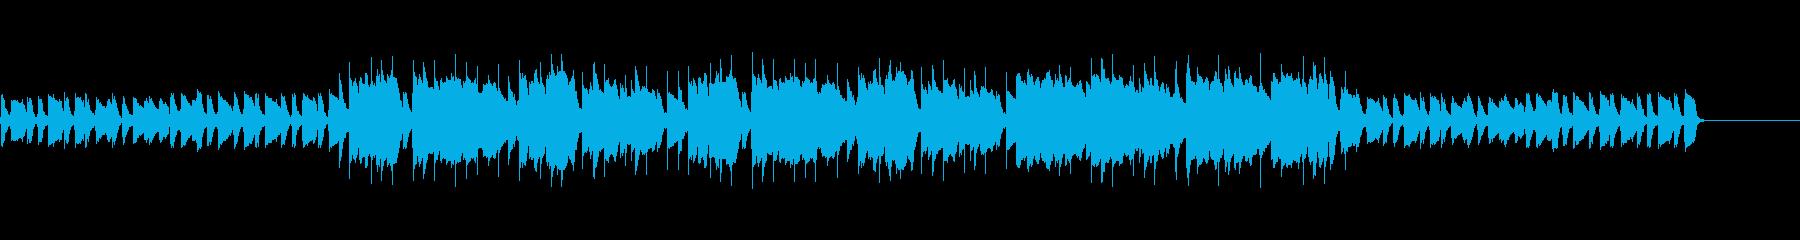 昼下がりに合うボサノバの再生済みの波形